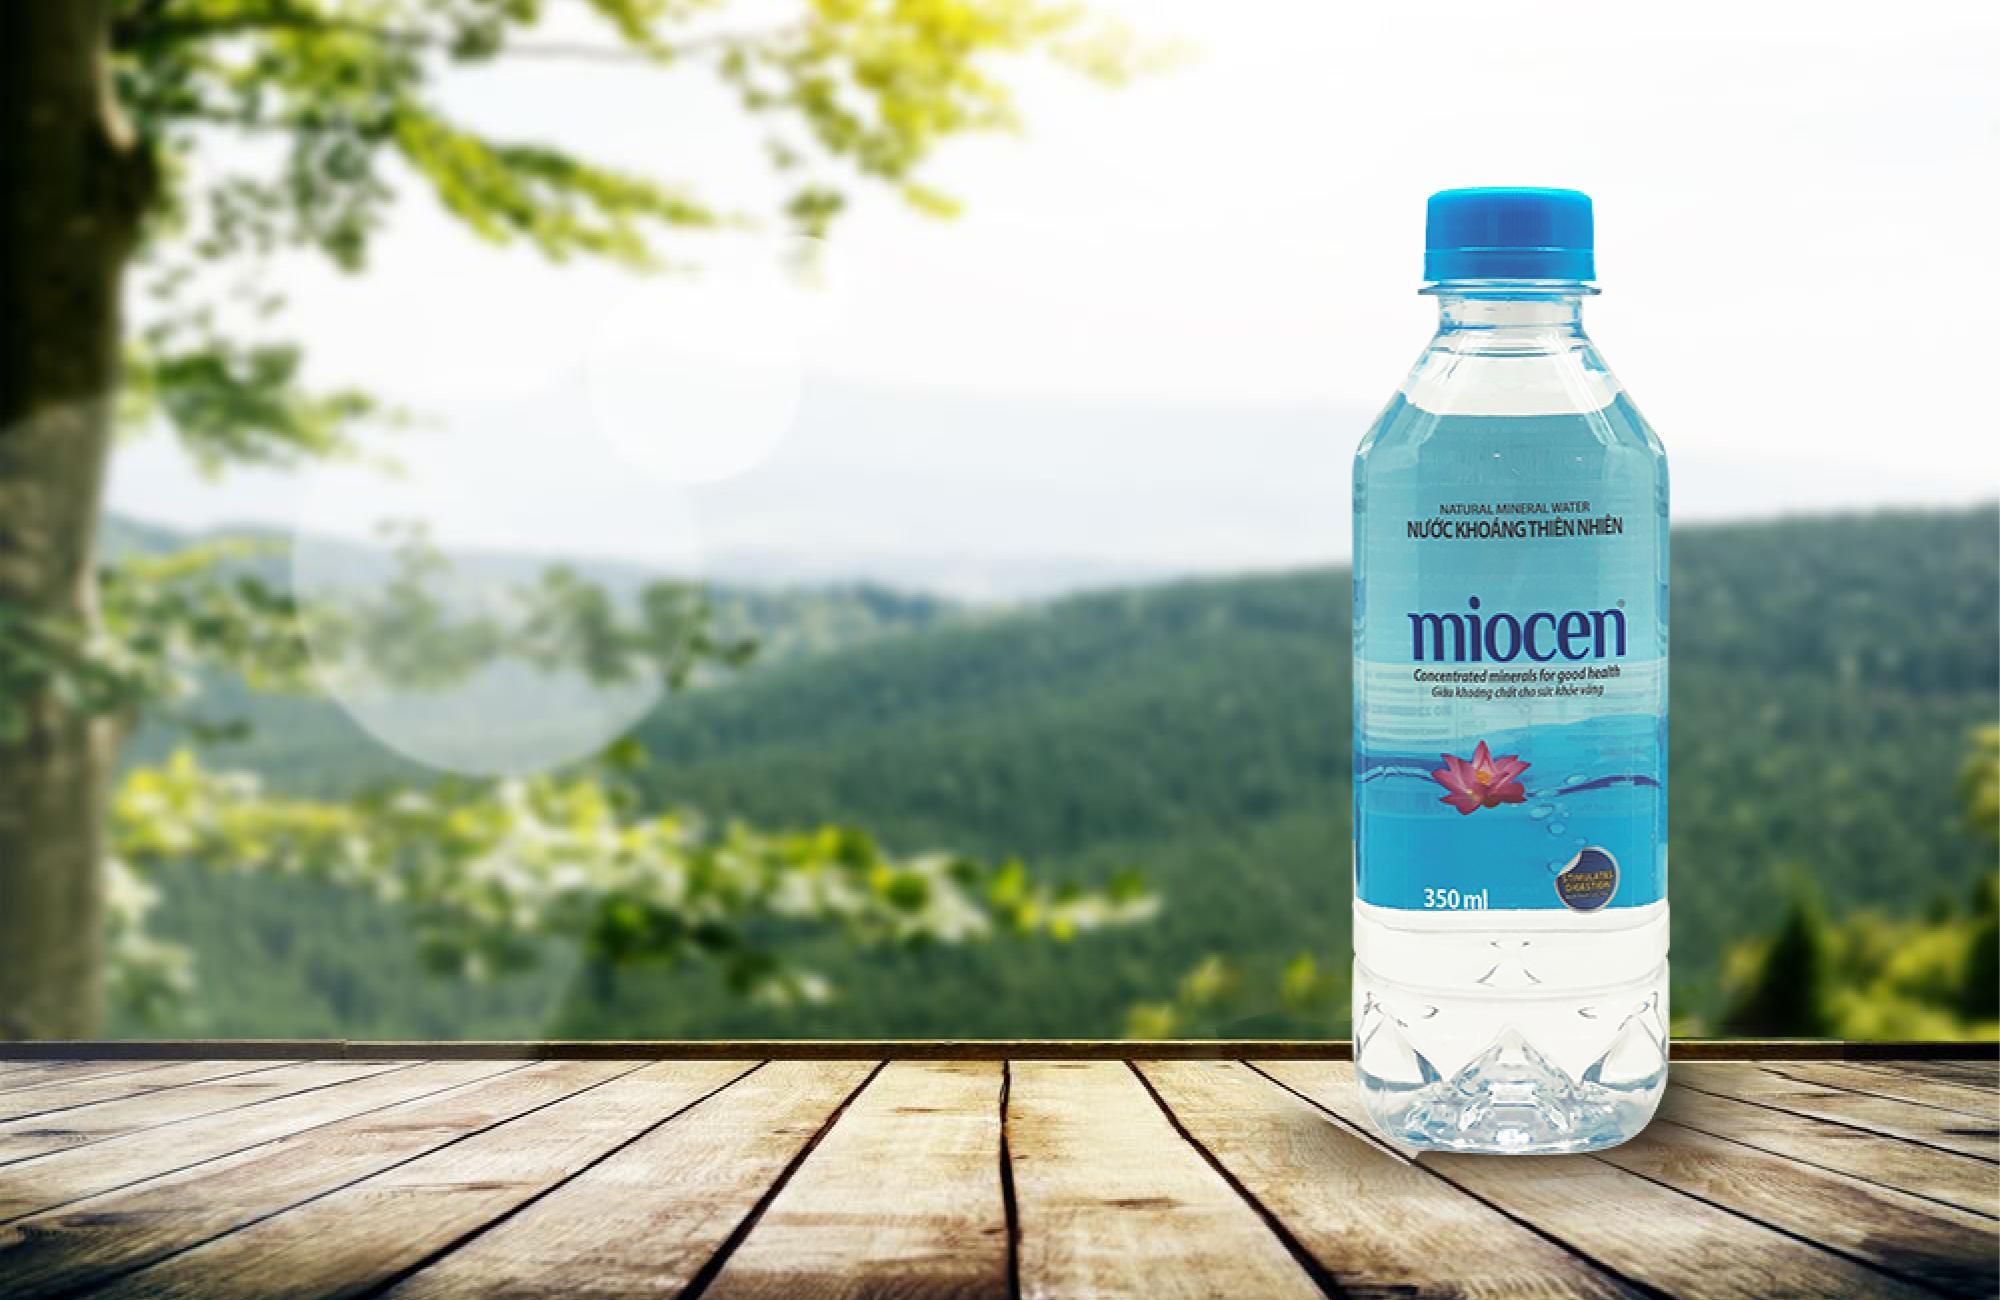 đầu tư cho sức khỏe hãy uống miocen mỗi ngày